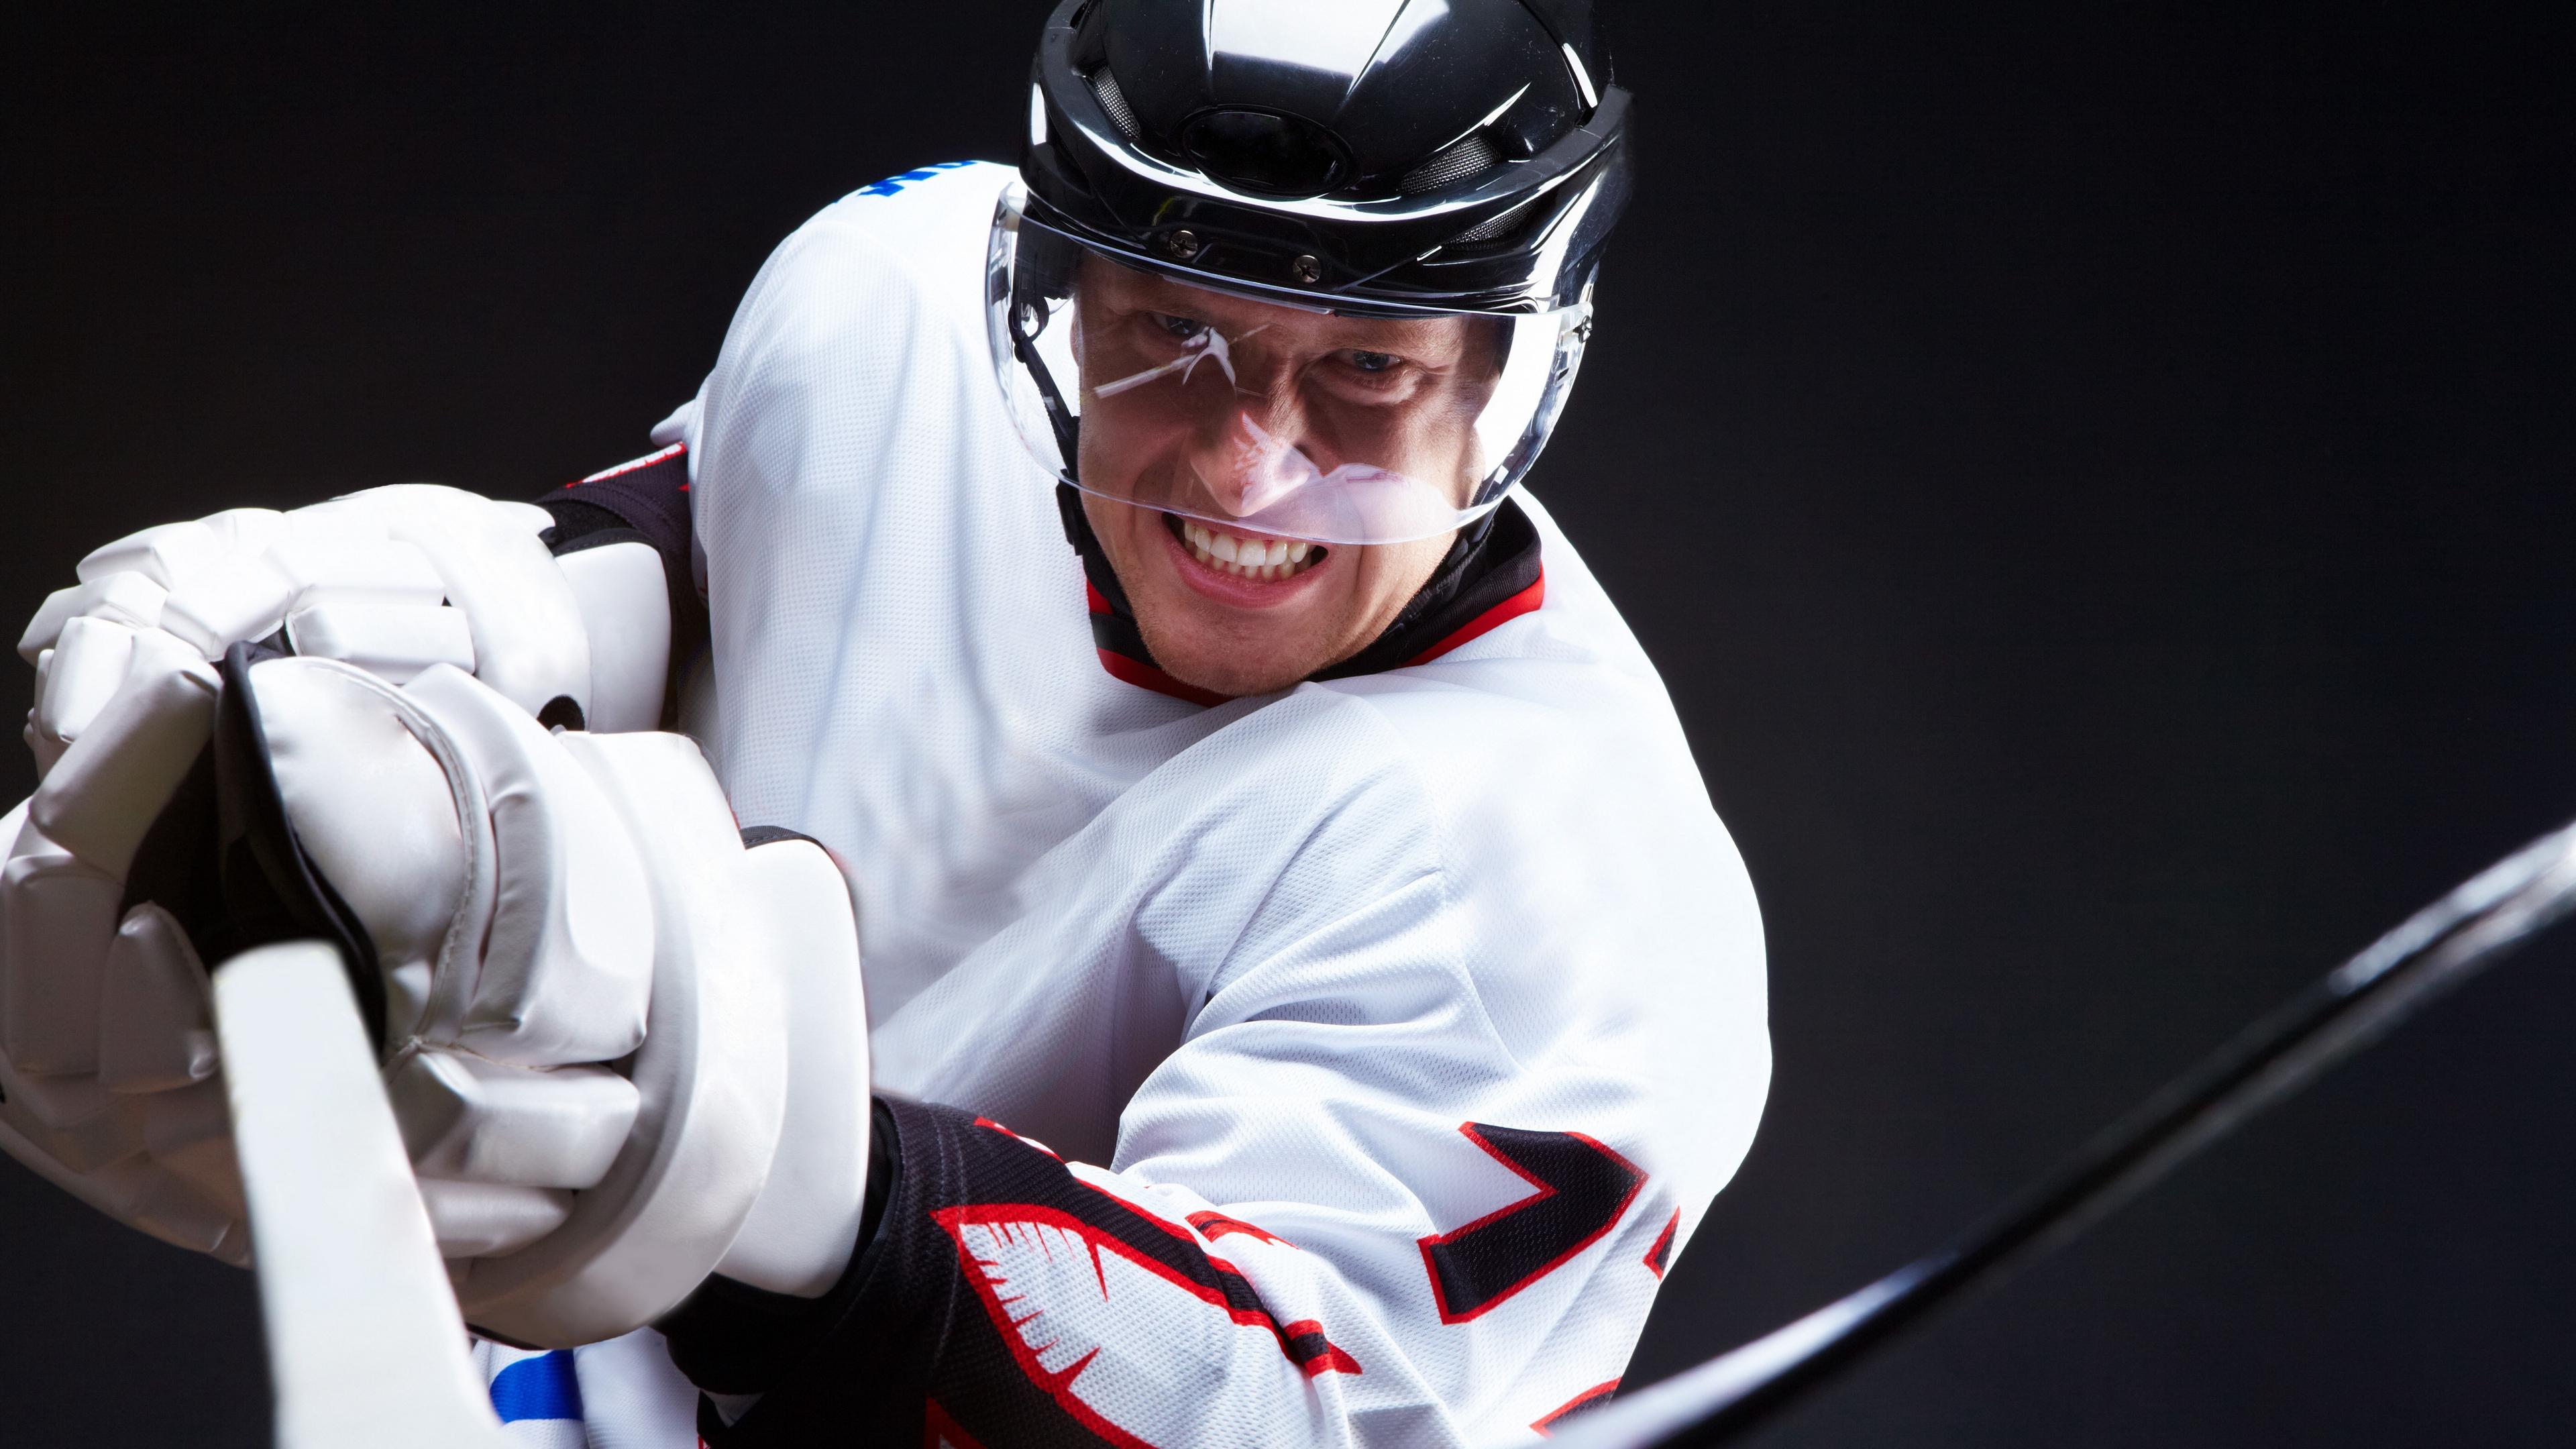 grin hockey hockey stick black background 4k 1540061238 - grin, hockey, hockey stick, black background 4k - hockey stick, Hockey, grin